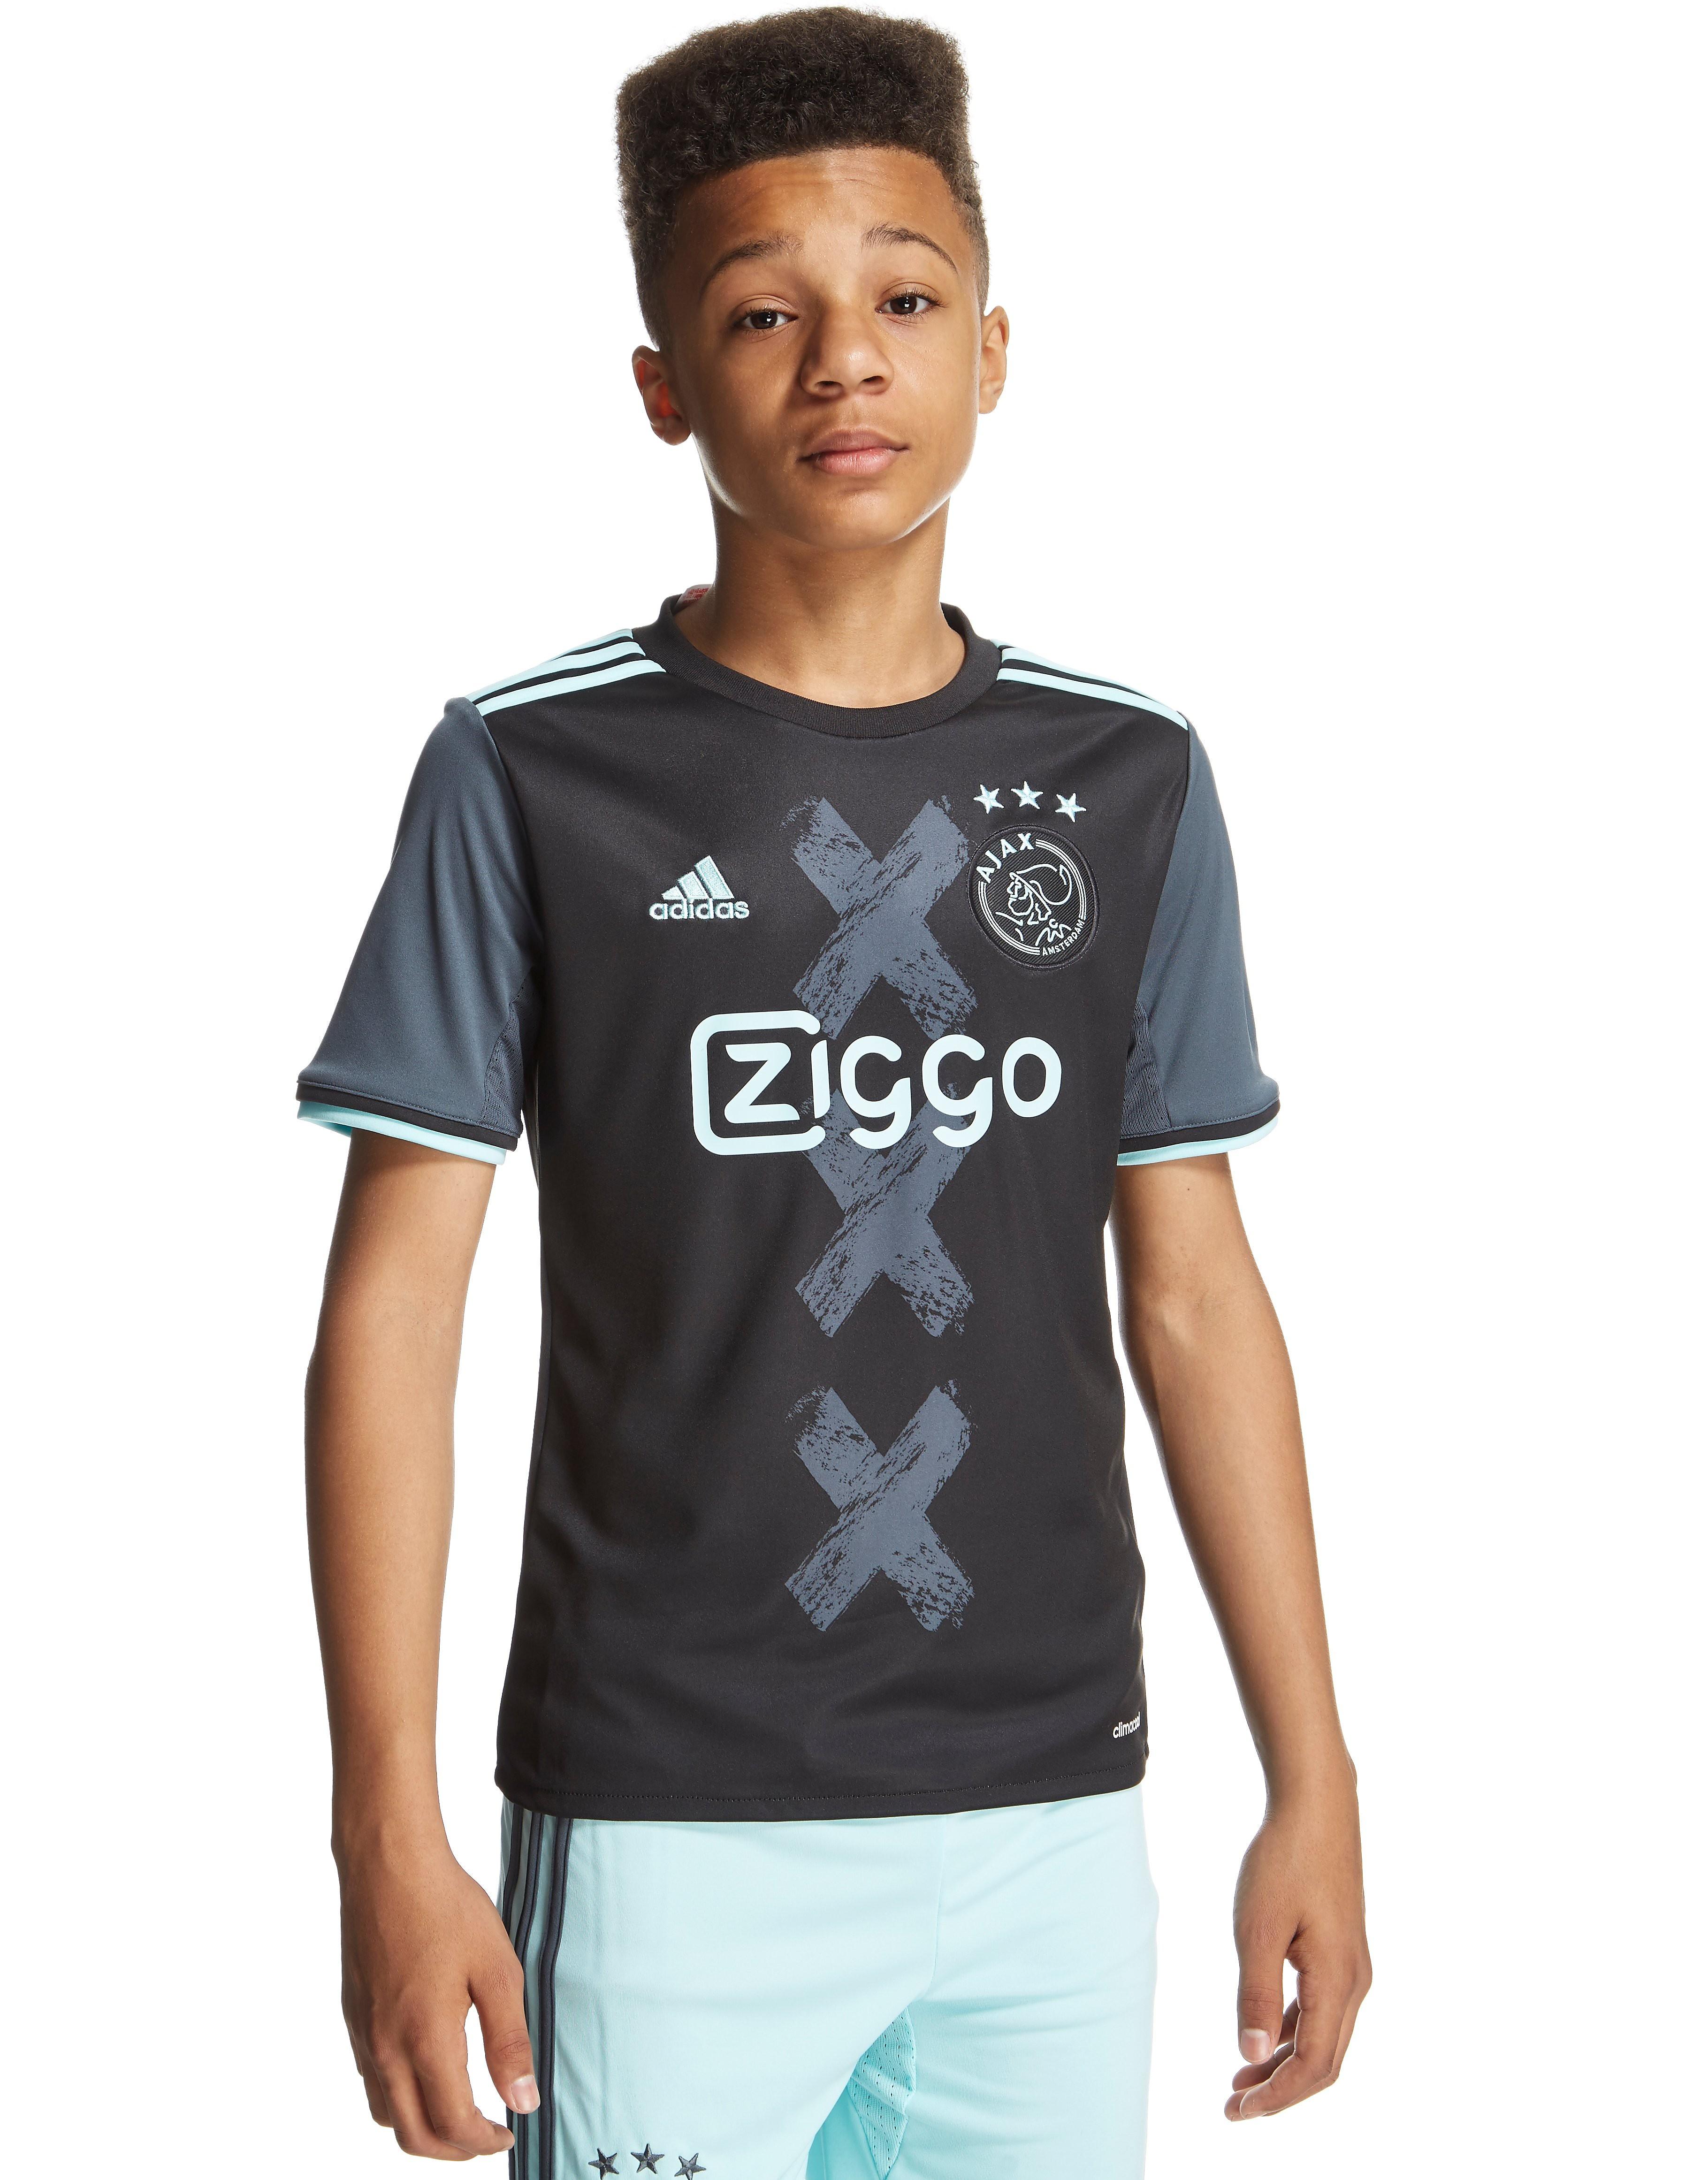 adidas Ajax 2016/17 Away Shirt Junior